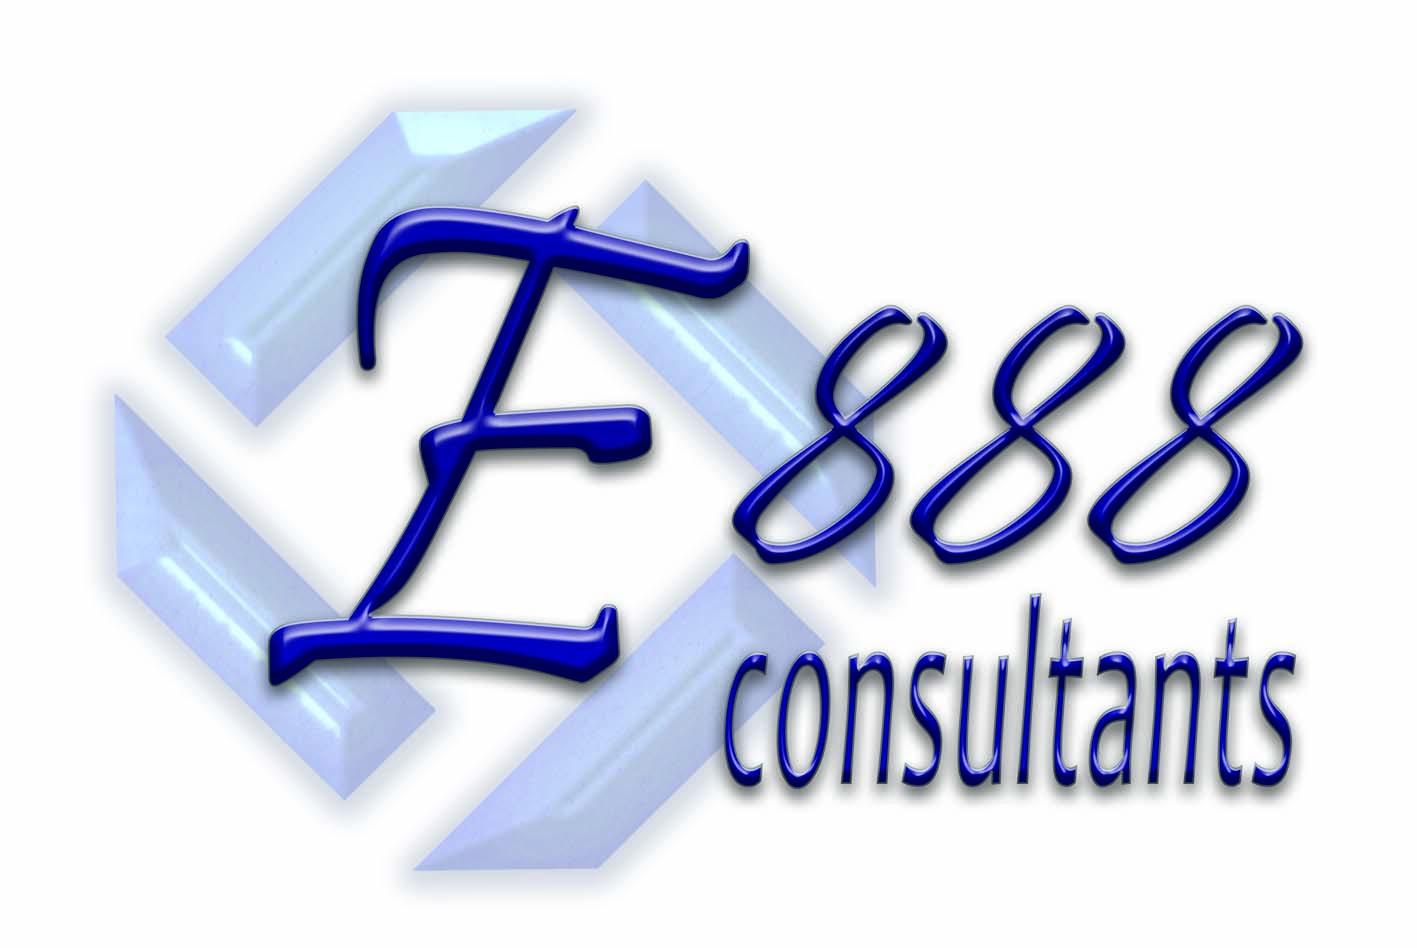 E888 Consultants